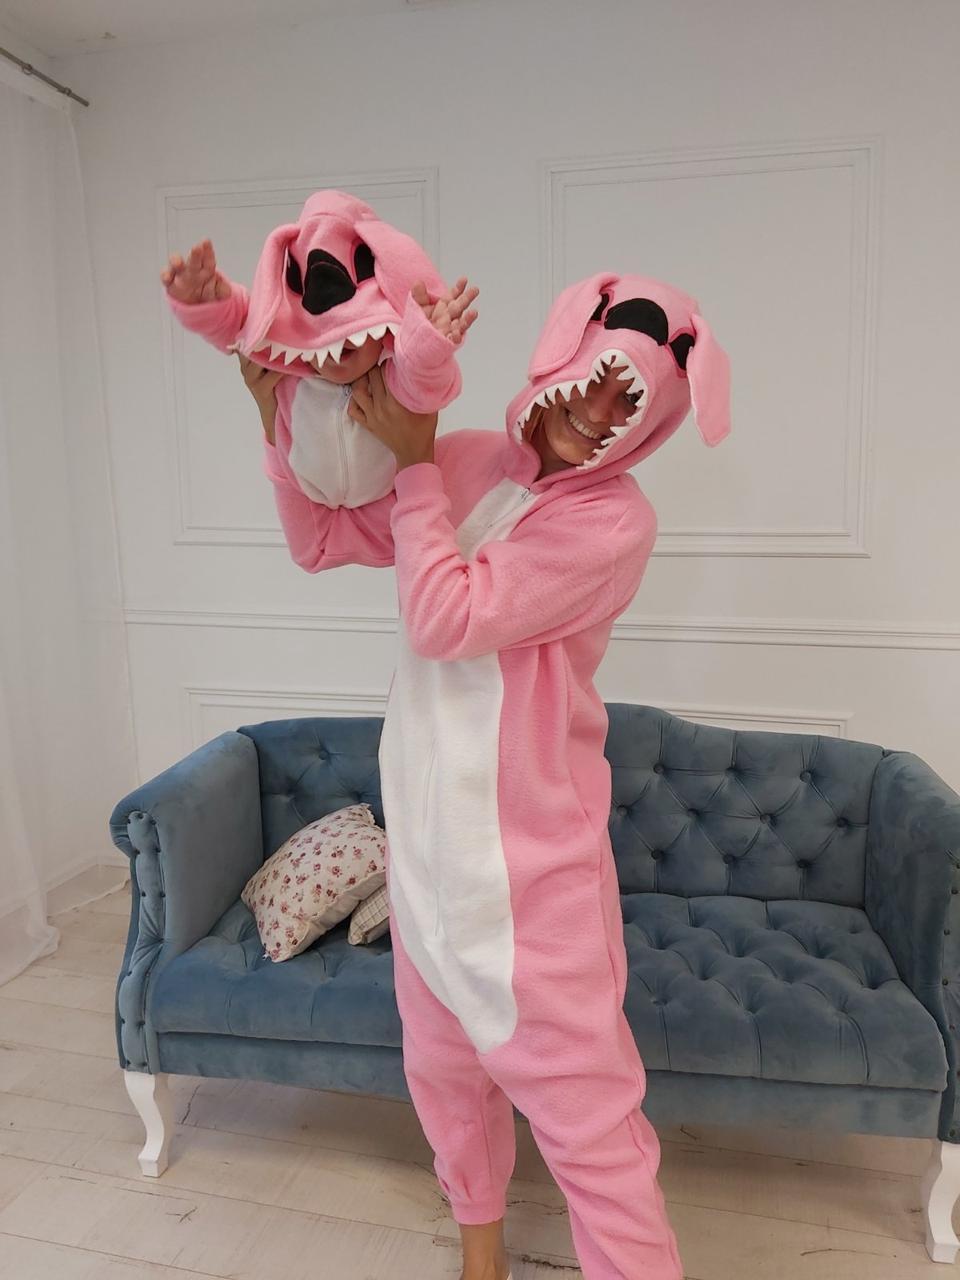 Пижама Кигуруми розовый Стич для всей семьи Украинского производства Размер 155-180 см